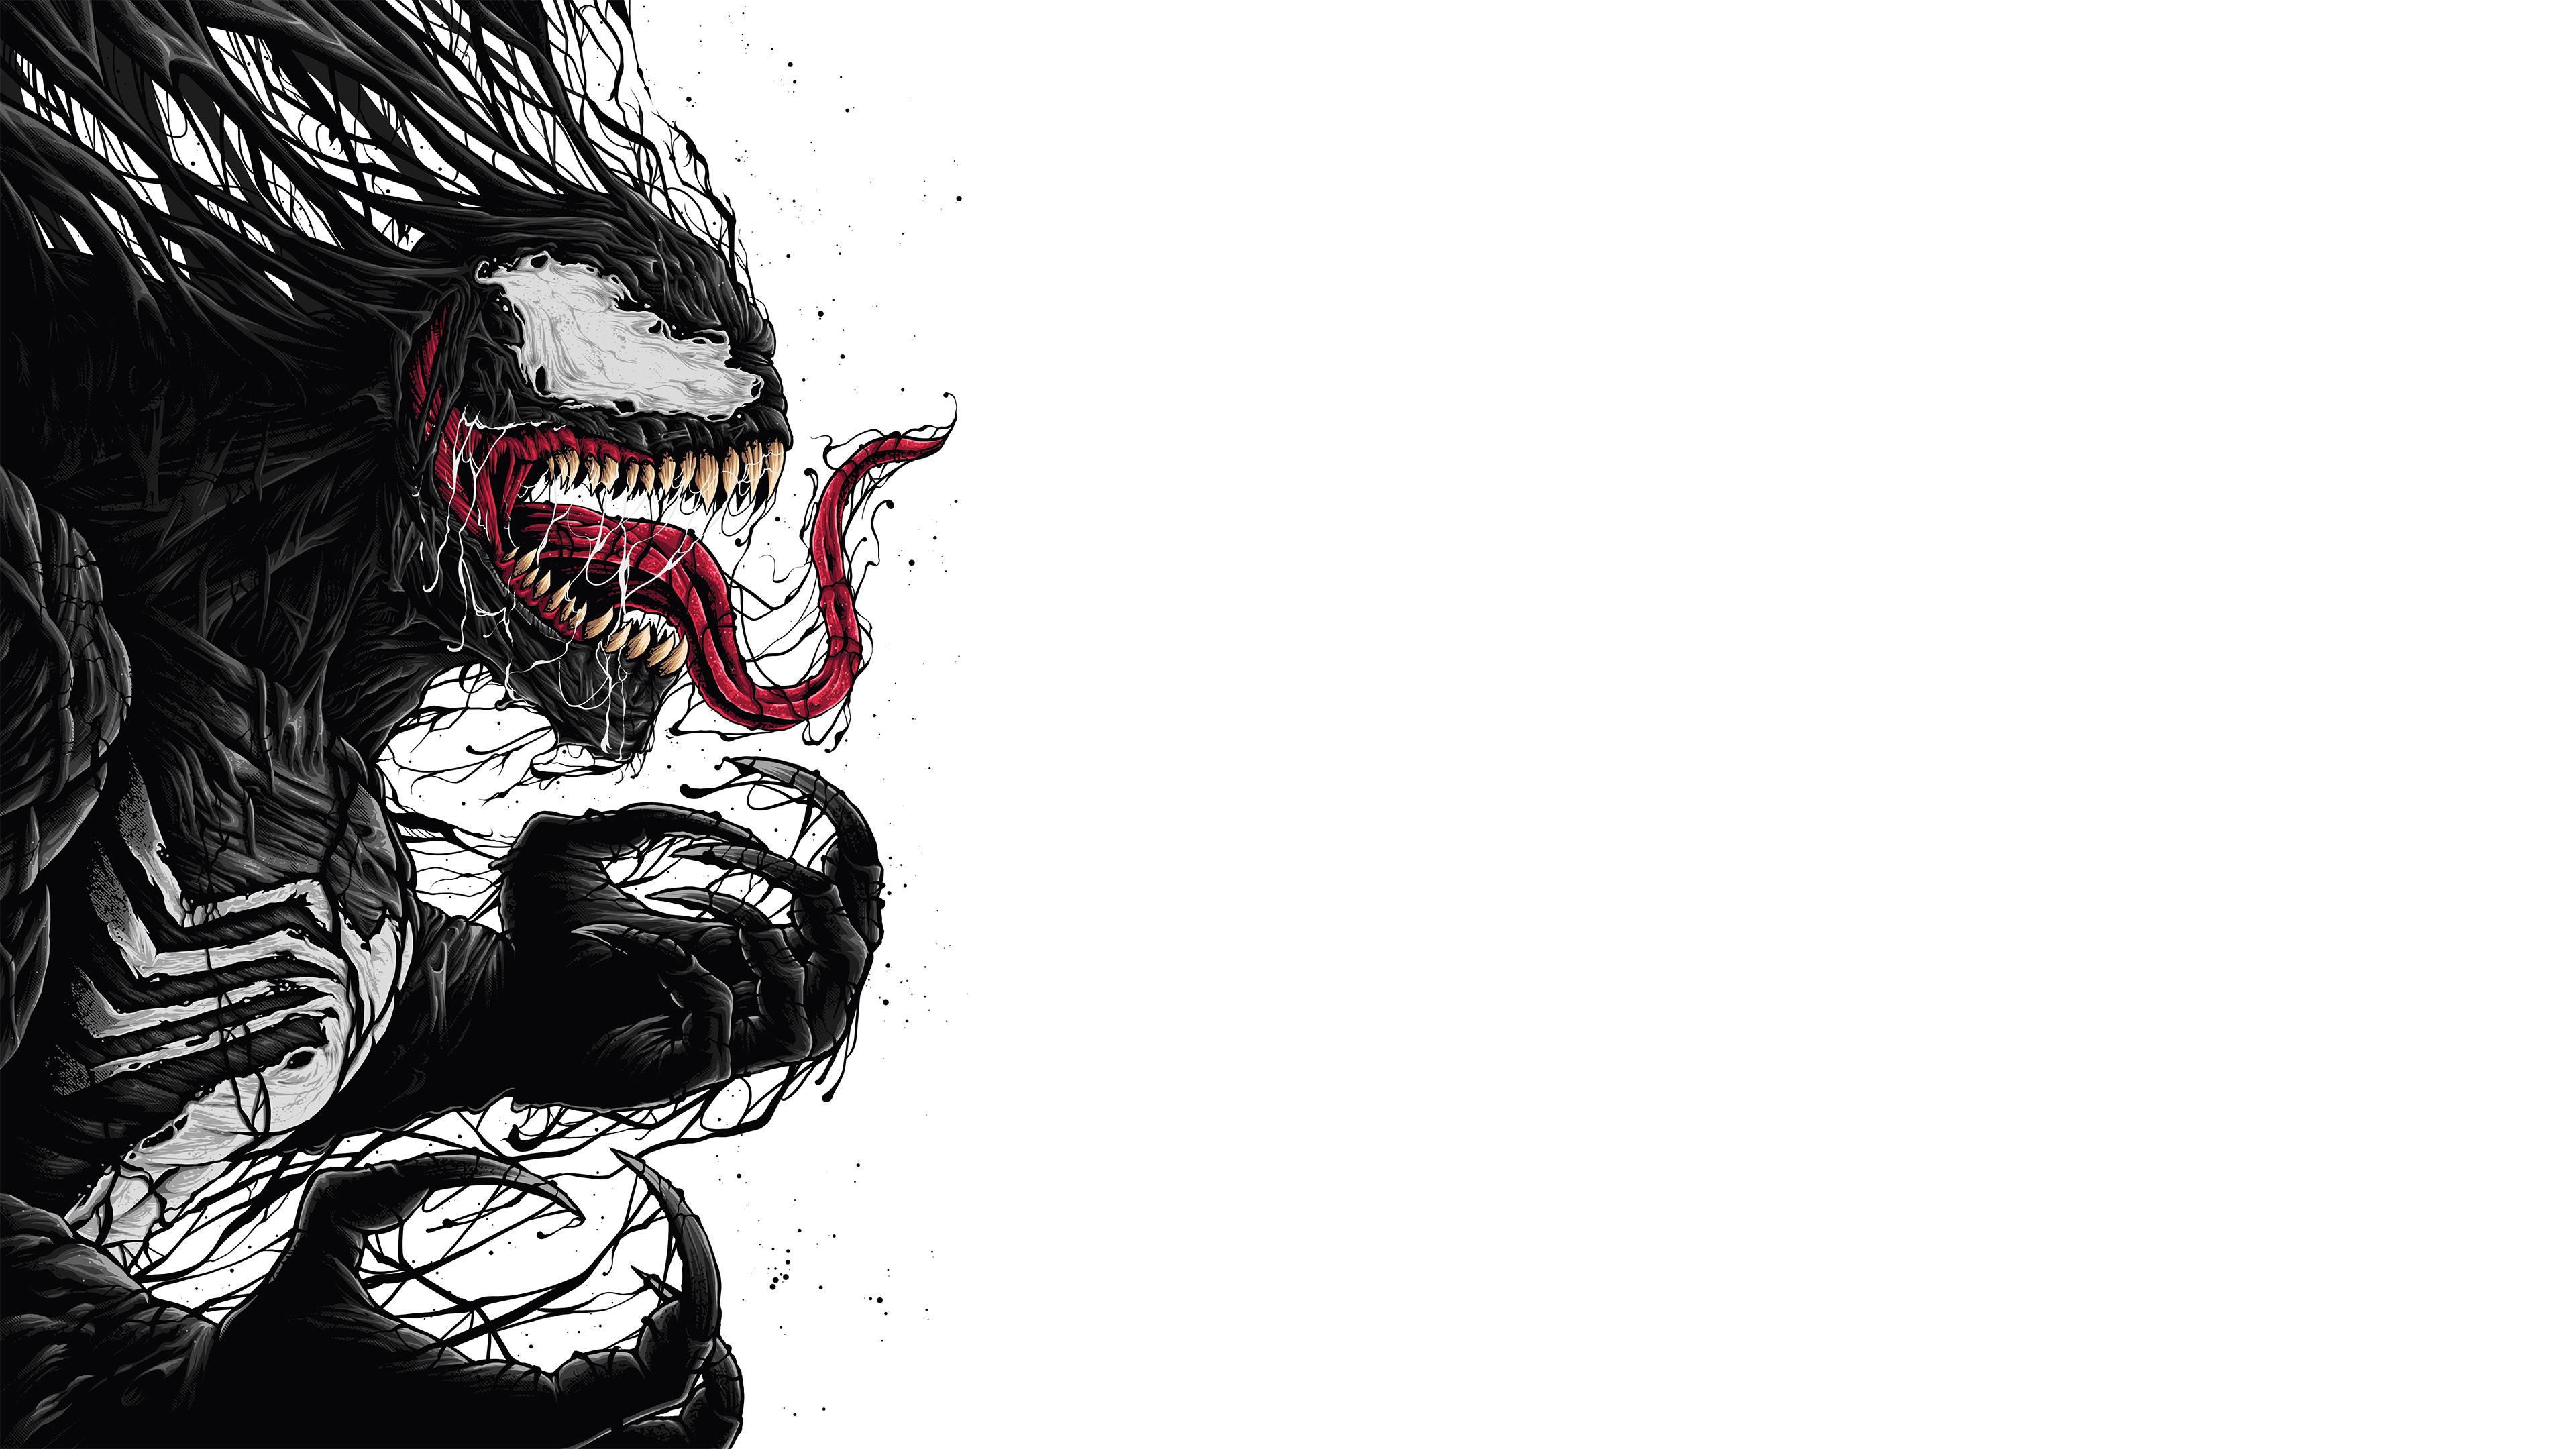 Venom digital fan art 4k hd superheroes 4k wallpapers - 4k wallpaper venom ...